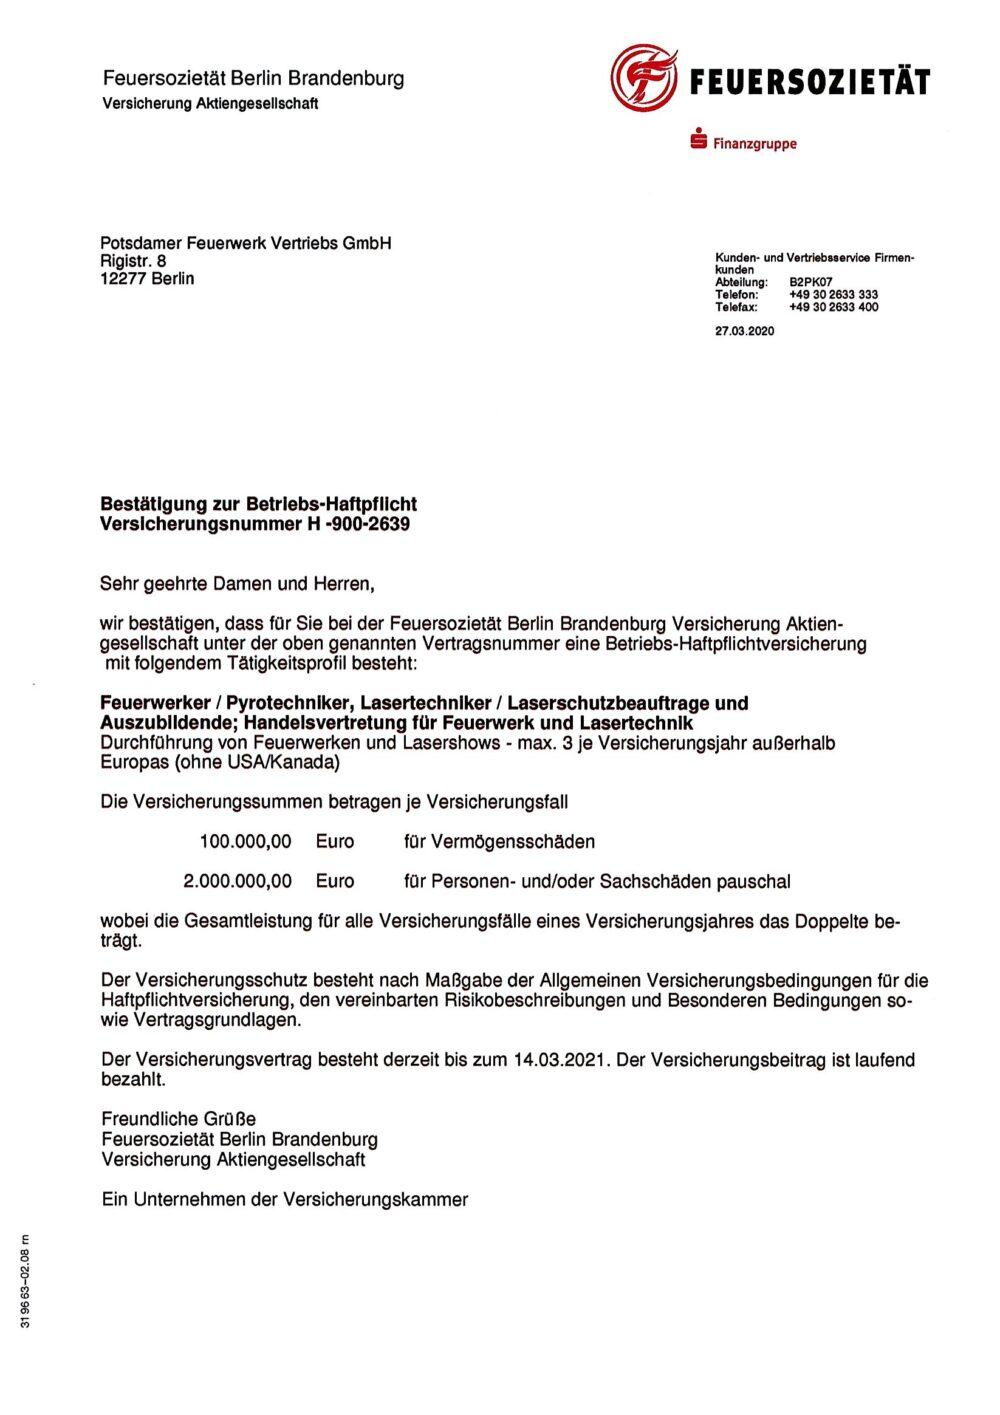 potsdamer-feuerwerk-haftpflichtversicherungsnachweis